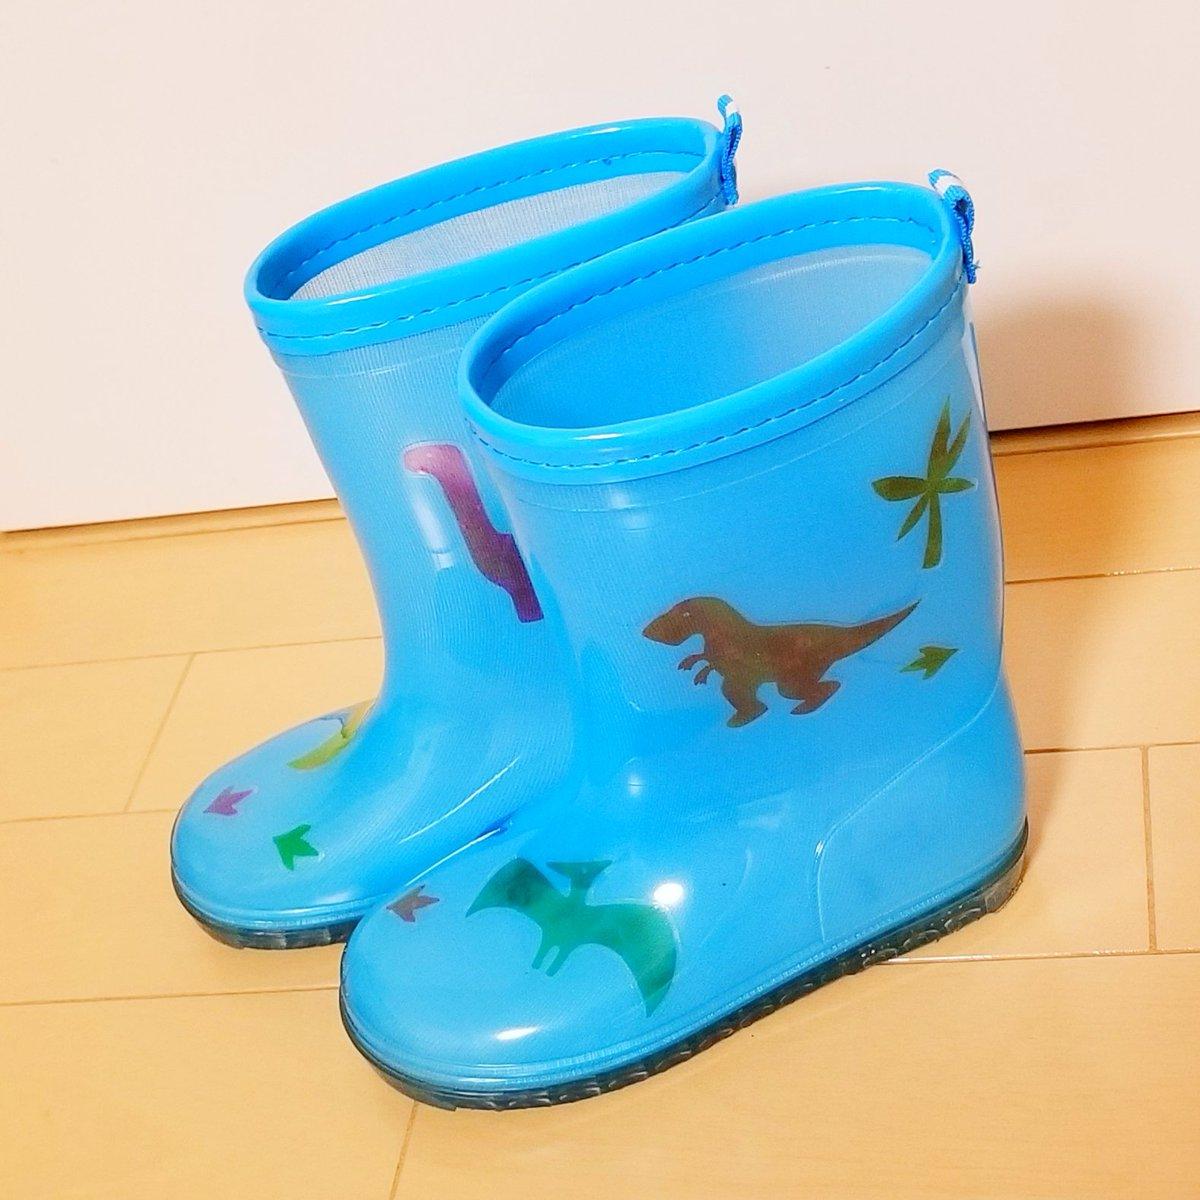 test ツイッターメディア - 明日は大雨の中での登園になりそう😵🌀☔ と言うことで明日使う新しい長靴をちょっとデコってみました🎵  ダイソーで見つけた【クリアデコレーションシール】✨ 防水だからビニール傘やレインコートにも貼れます👍 かわいい~💕 #ダイソー #デコレーションシール #通園グッズ https://t.co/35xvUT9hkE